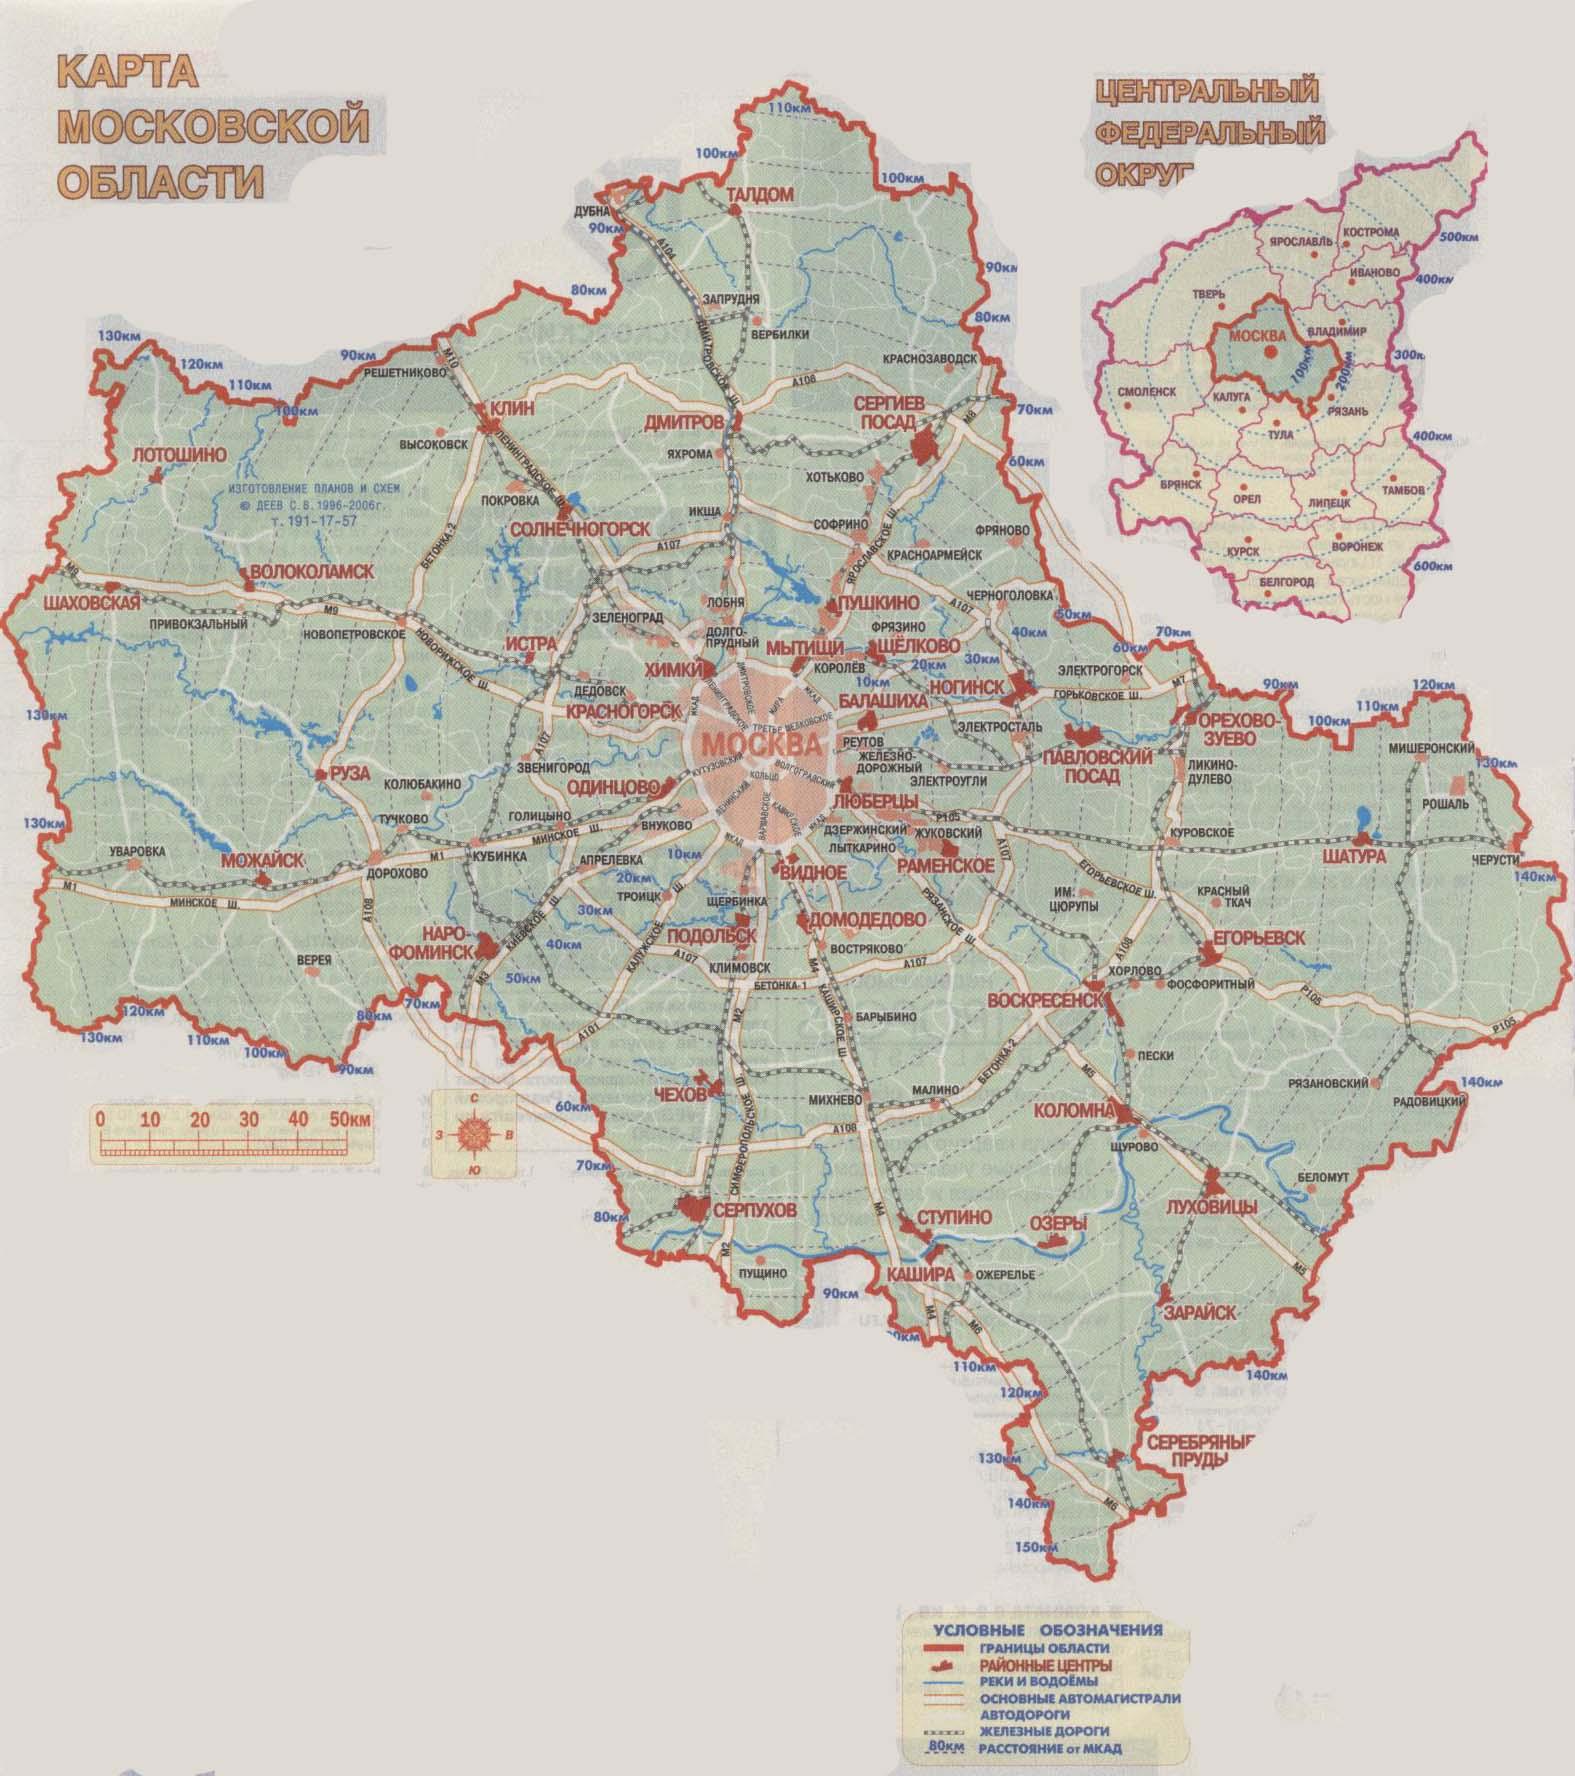 Путаны московской области и москвы 14 фотография